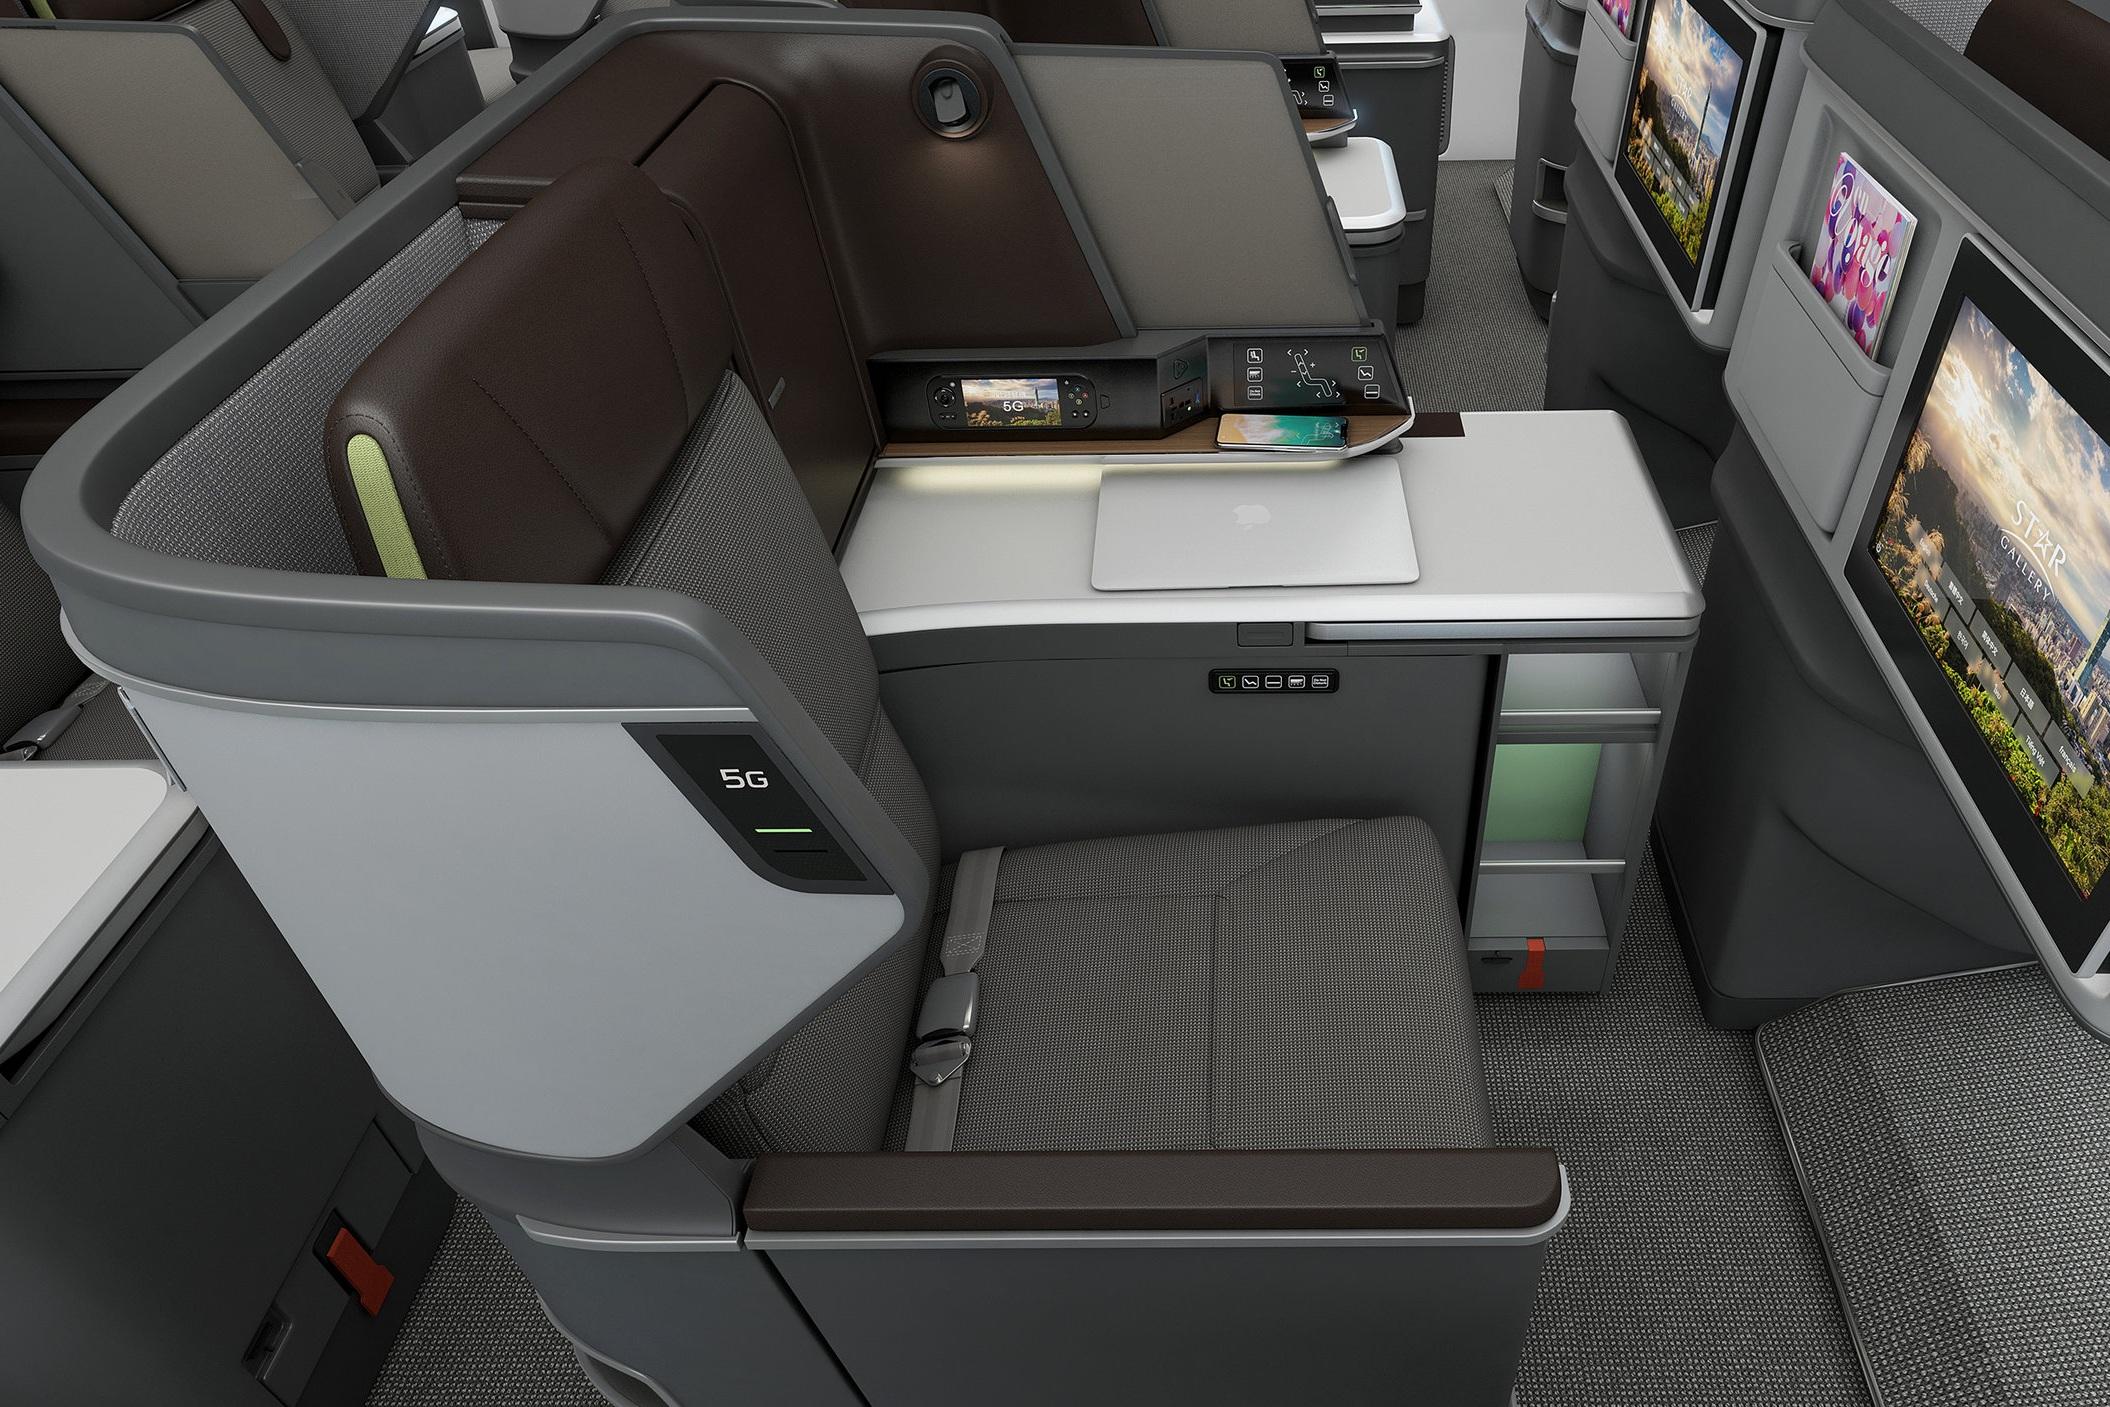 EVA Air 787 business class